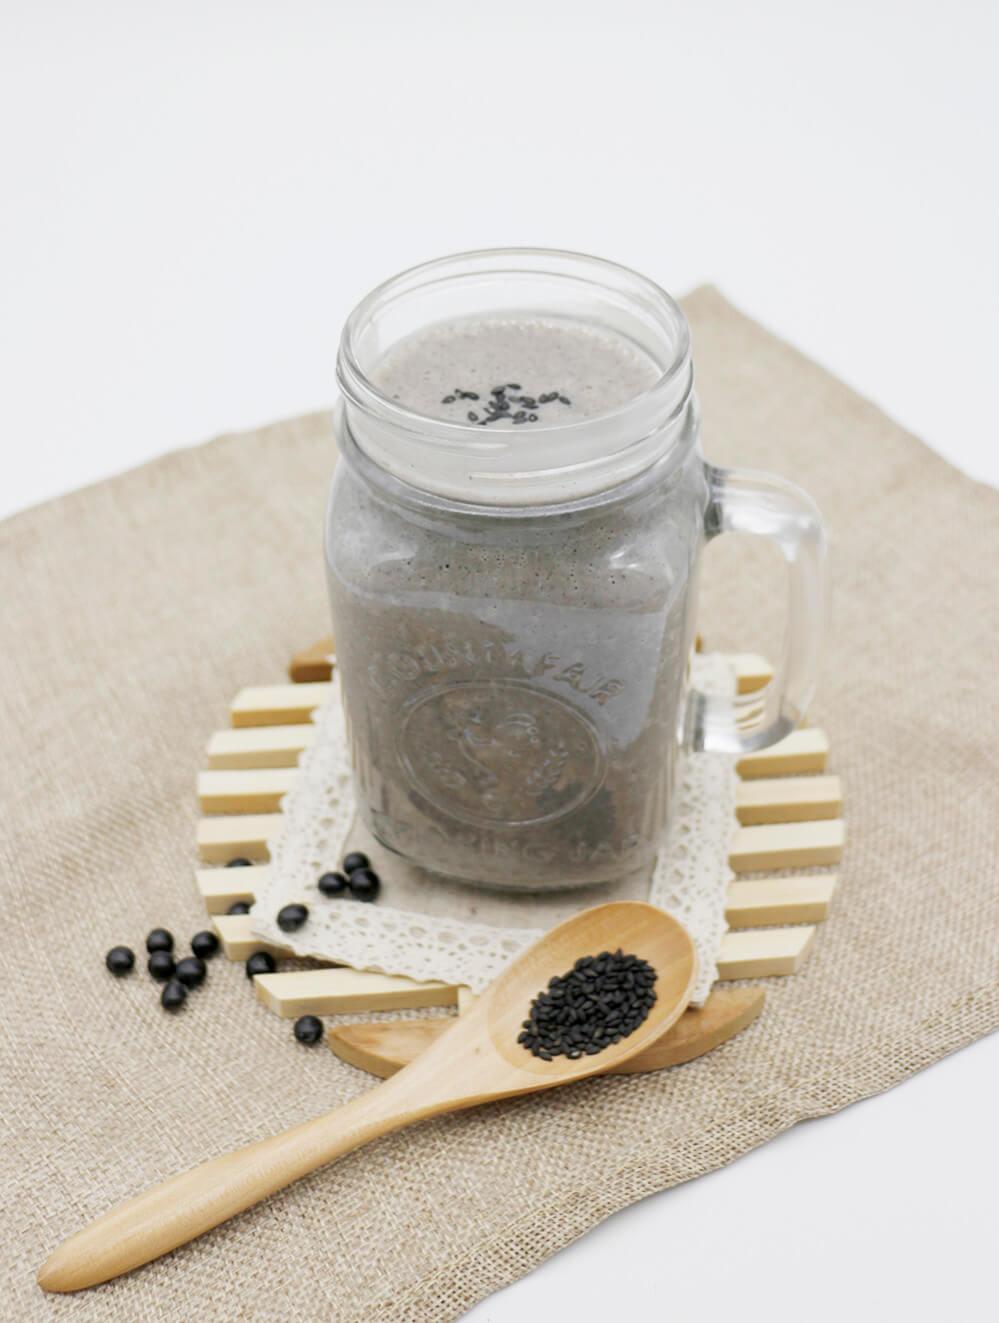 高鈣黑芝麻豆漿 豆穀漿│癌症關懷基金會